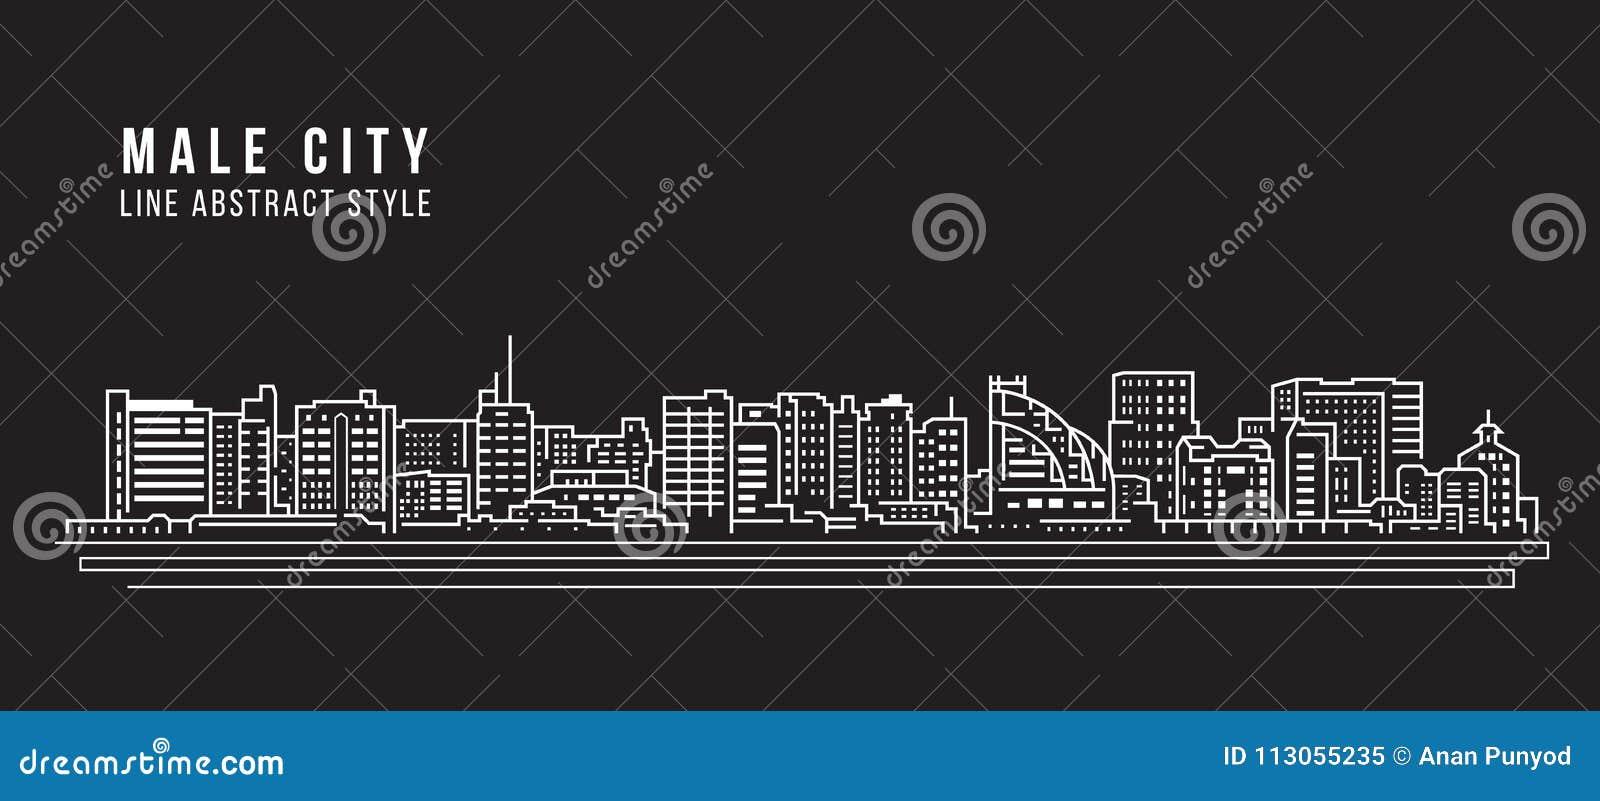 Línea de fachada del paisaje urbano diseño del ejemplo del vector del arte - ciudad masculina - Maldivas